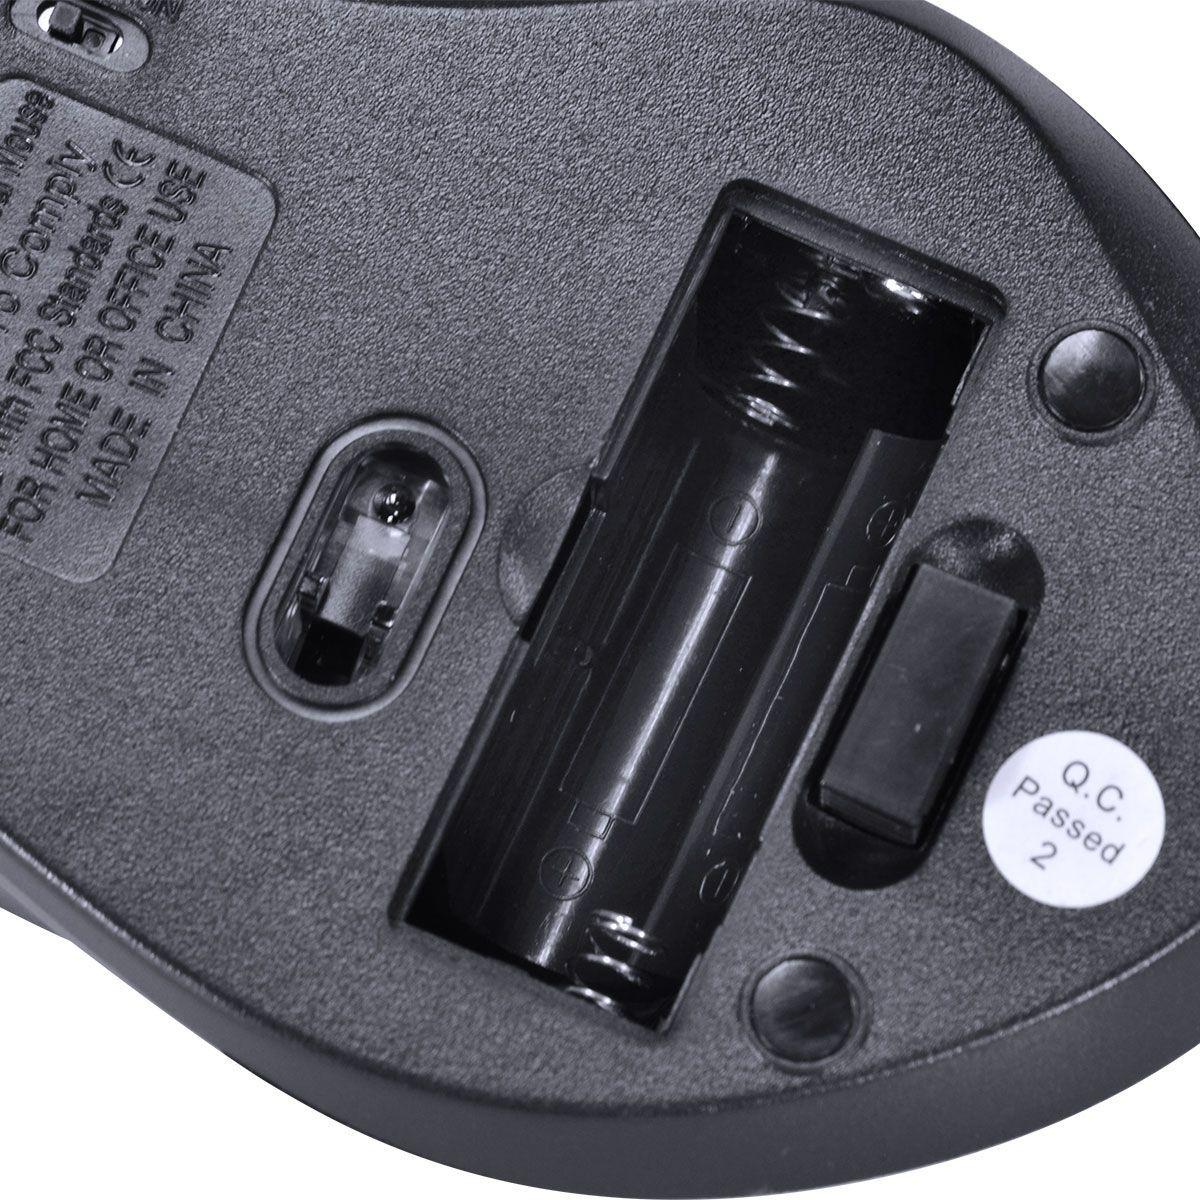 MOUSE SEM FIO HÍBRIDO 2.4 GHZ + BLUETOOTH 4.0 1200 DPI DYNAMIC ERGO PRETO USB - DM120